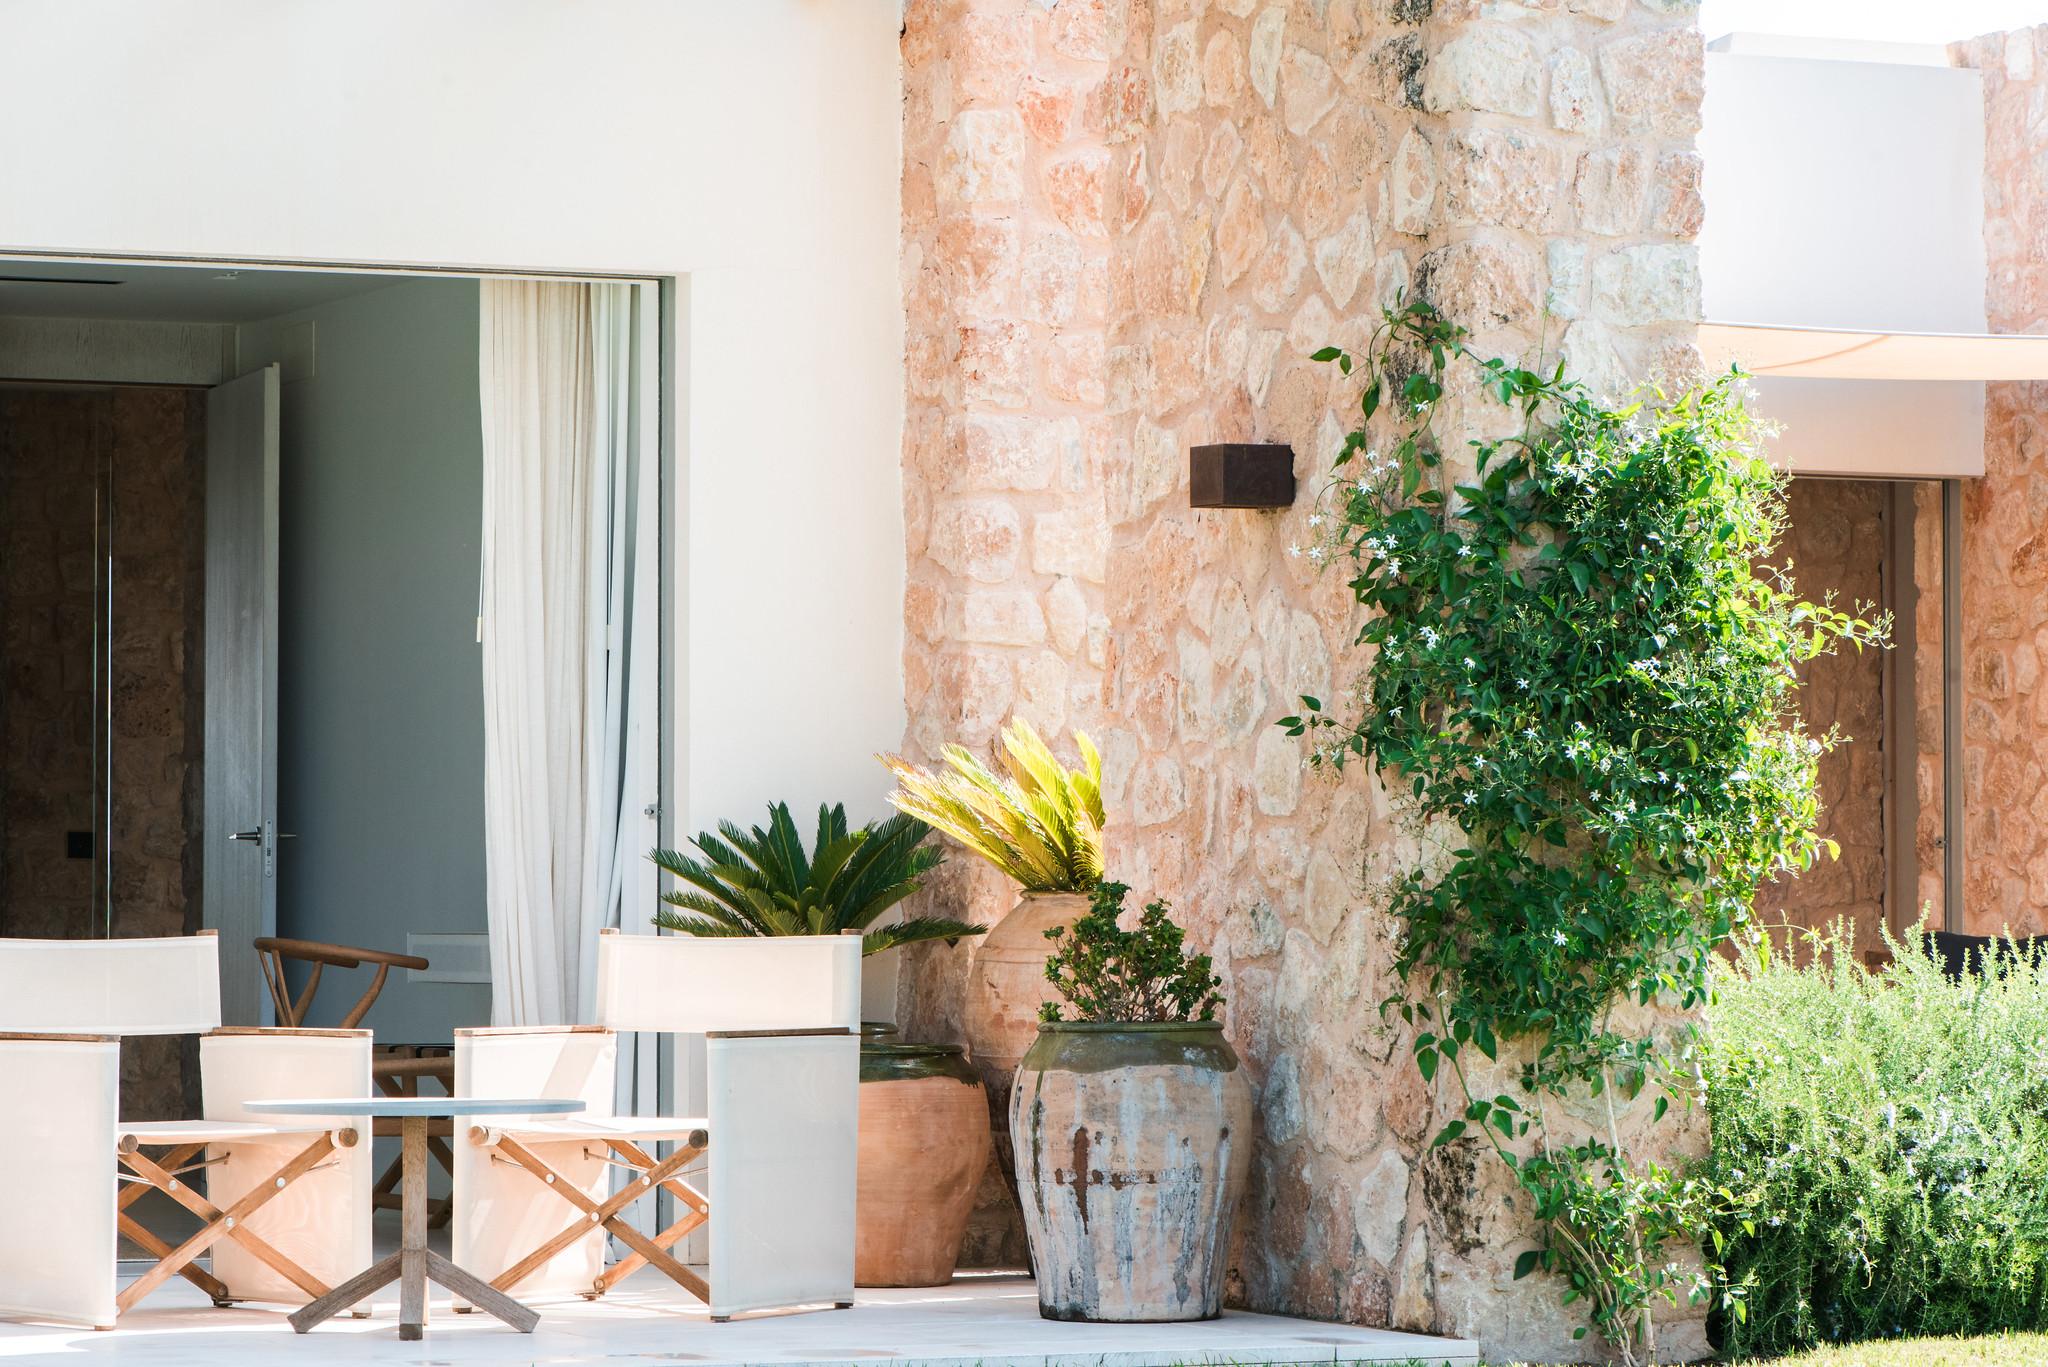 https://www.white-ibiza.com/wp-content/uploads/2020/06/white-ibiza-villas-villa-amber-exterior-plants-1.jpg